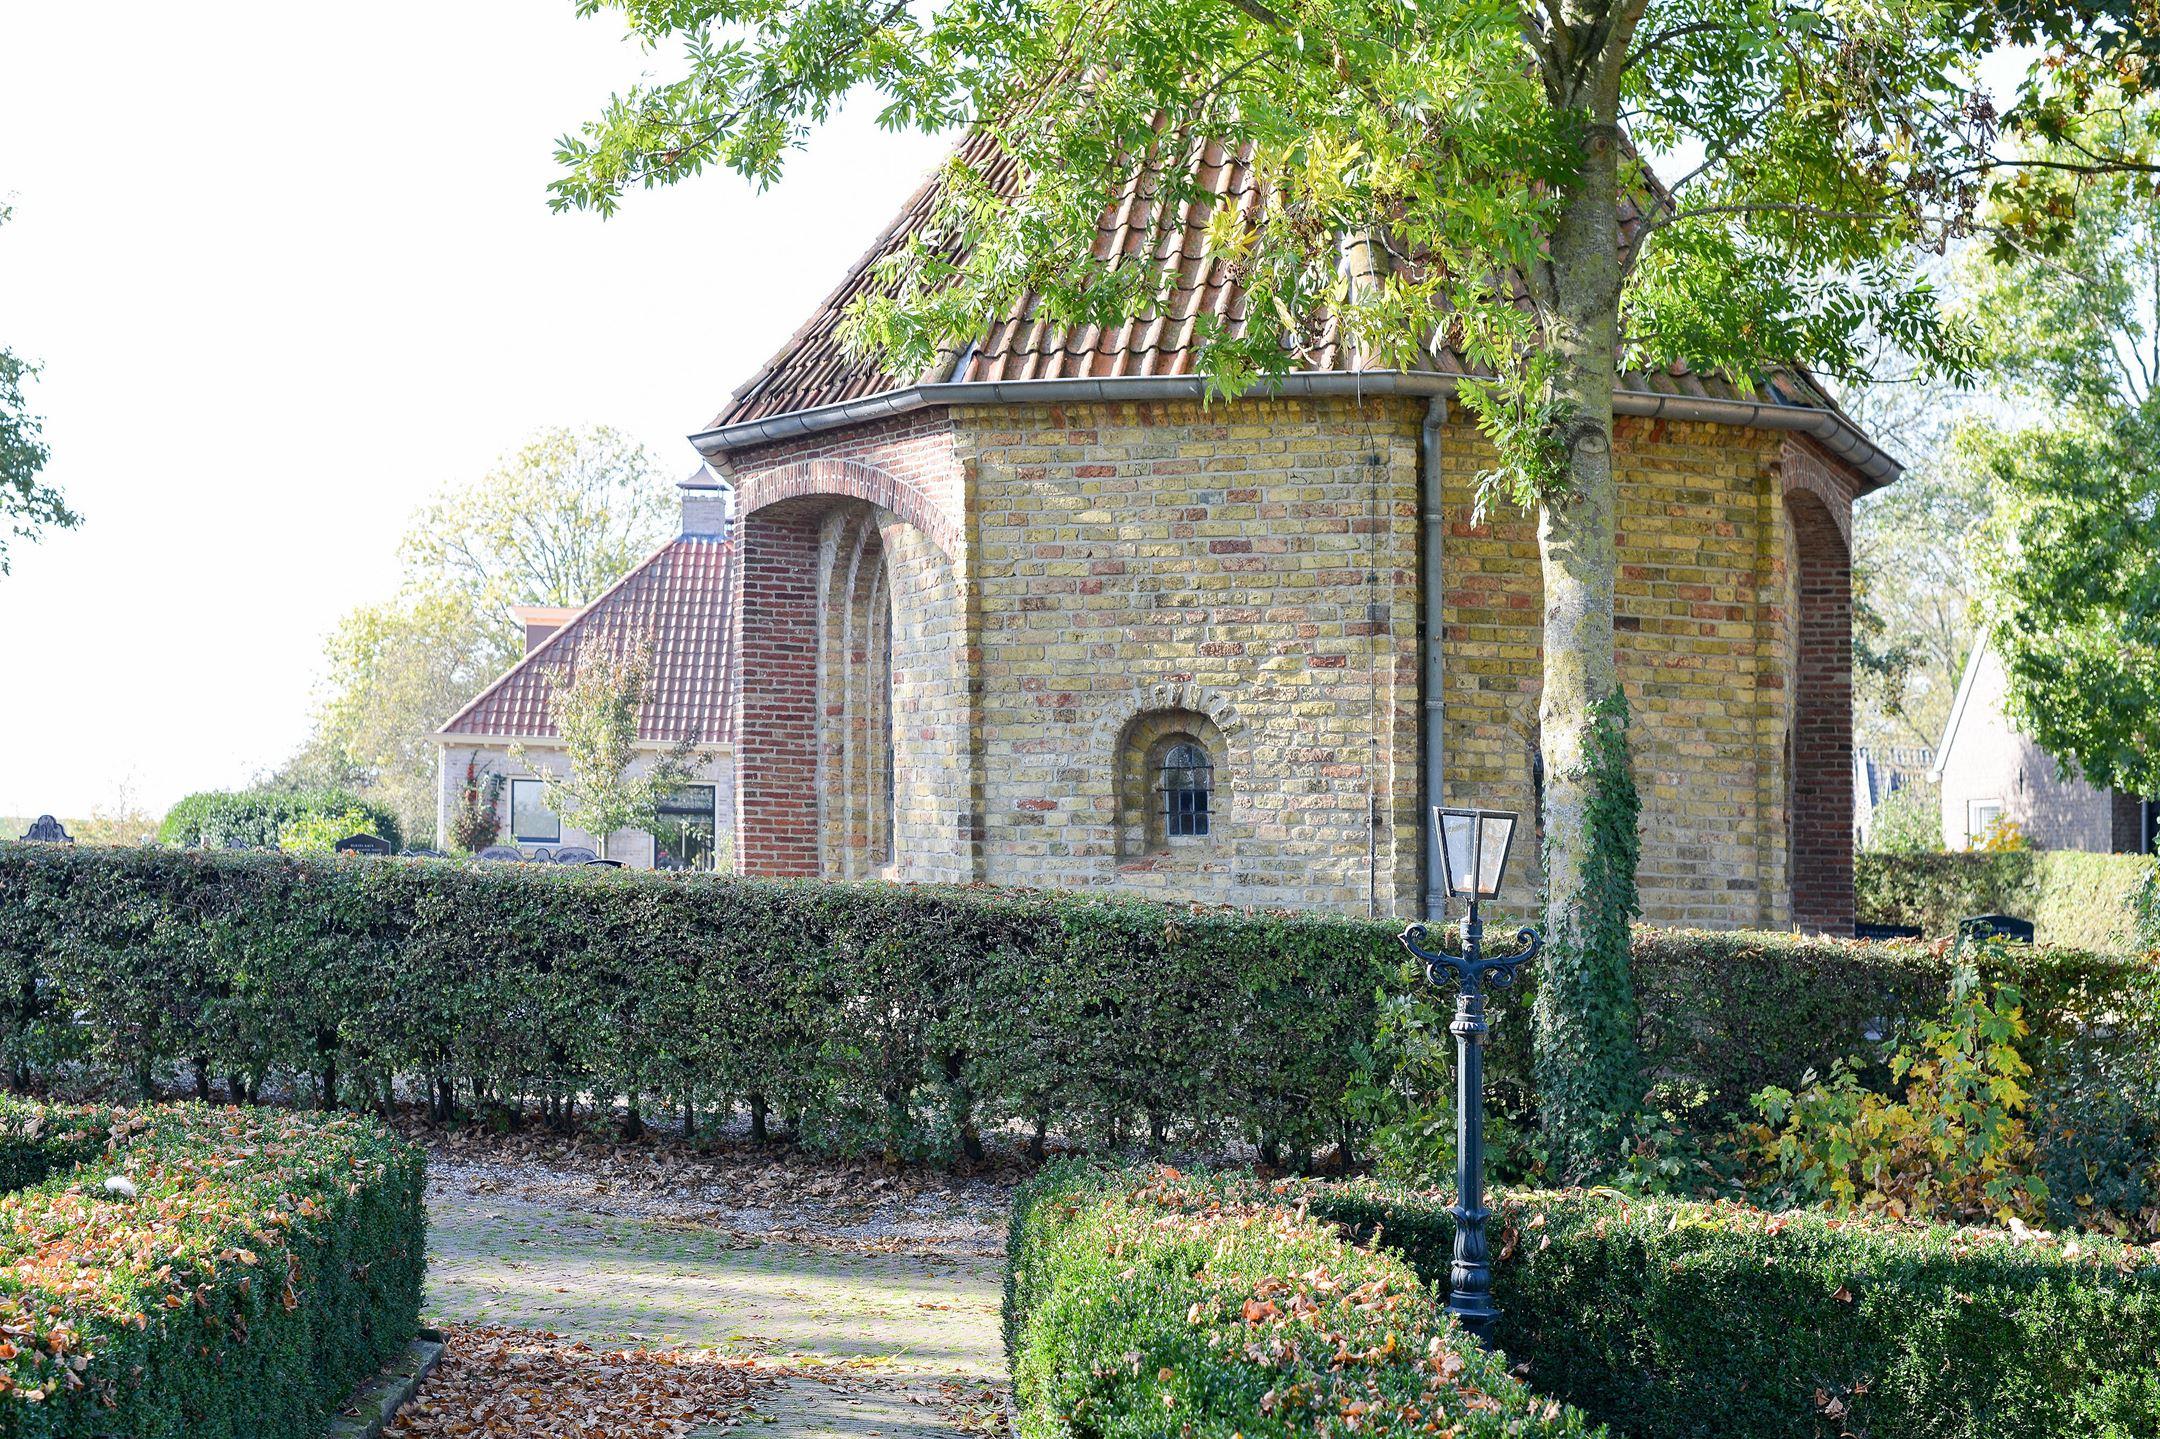 Het 13de eeuwse kerkje gezien vanaf Nynke's Pleats